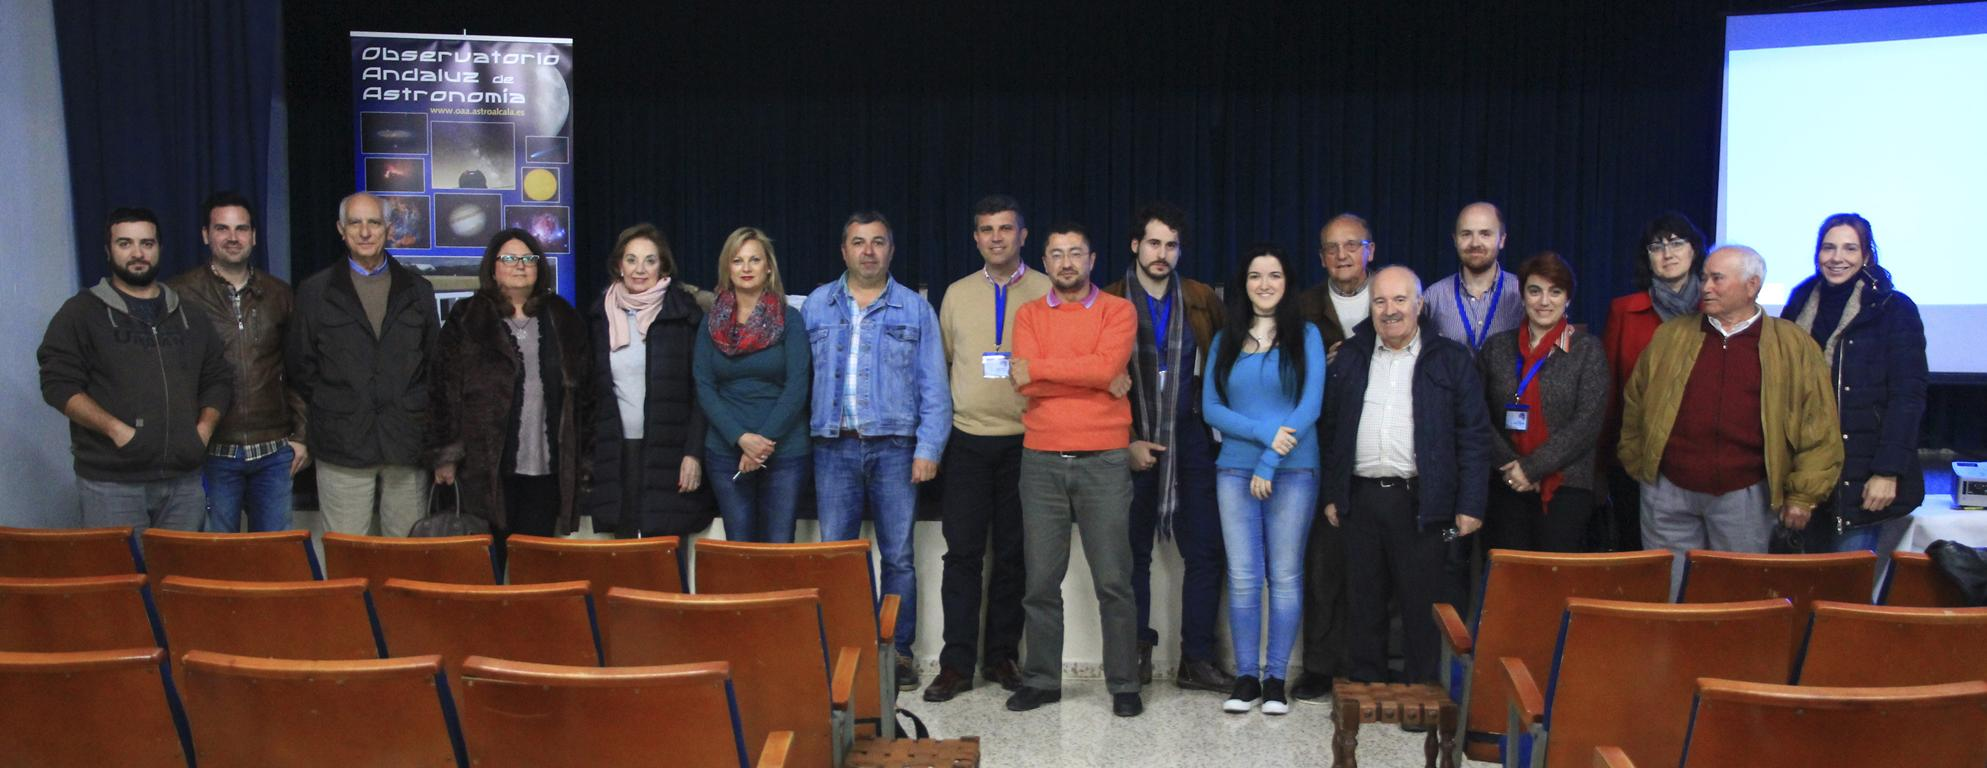 Algunos socios y Participantes - AstroAlcalá 2016